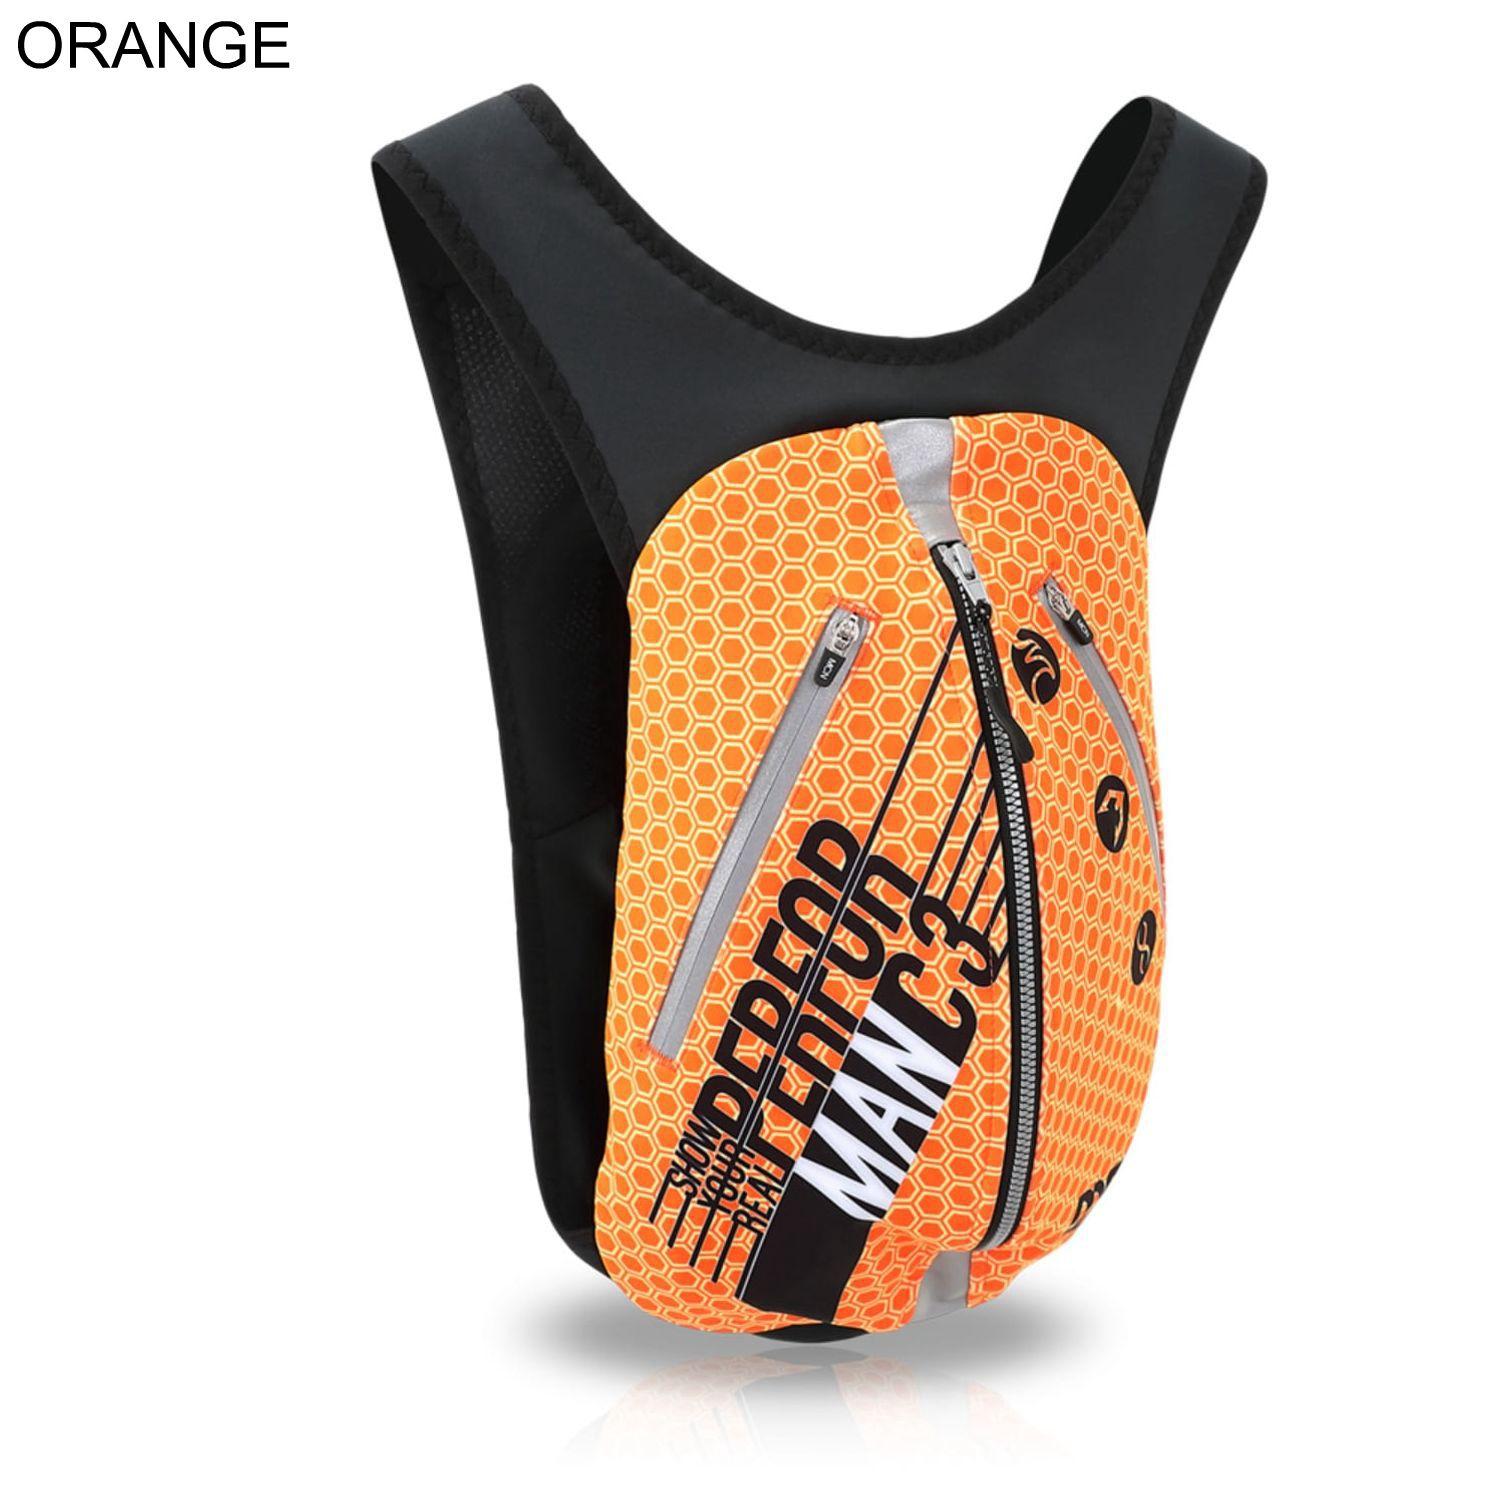 자전거가방 남녀공용 사계절 백팩 가방 오렌지 플렉스